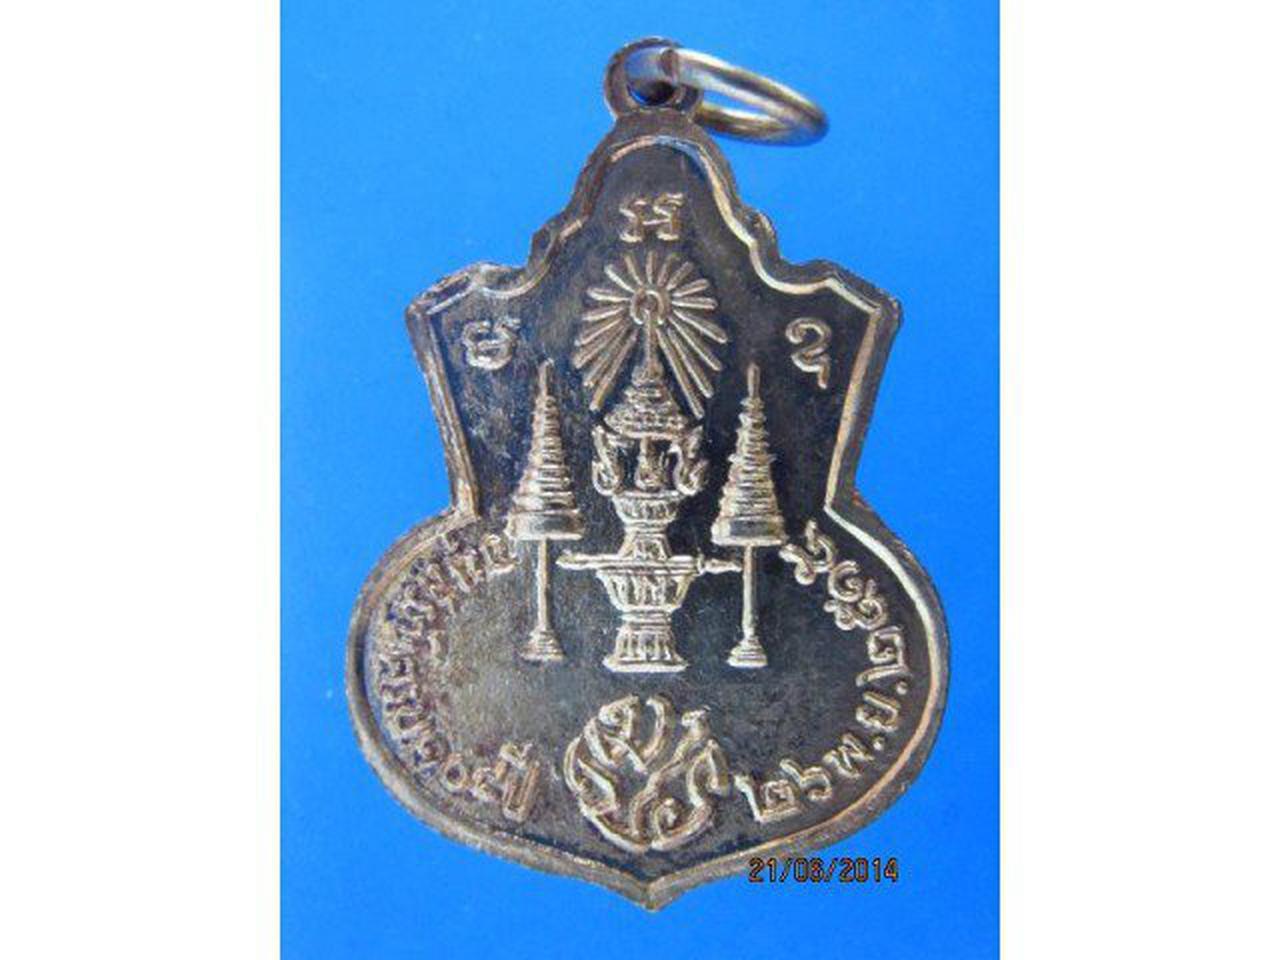 - เหรียญพระพุทธนิรันตราย เจริญลาภ วัดราชประดิษฐ์สถิตมหาสีมาร รูปที่ 3